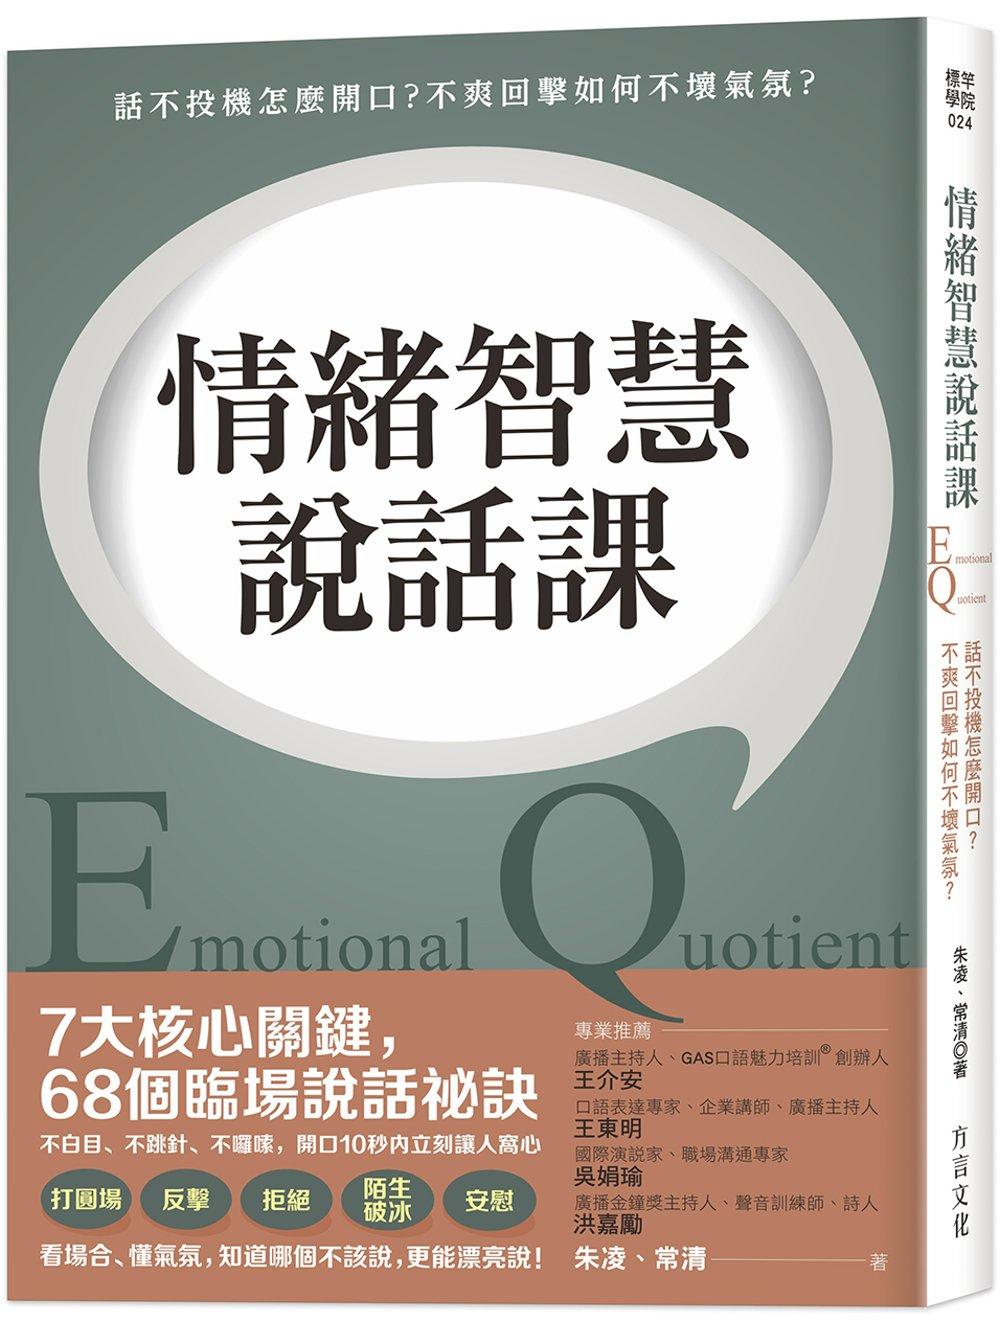 情緒智慧說話課:話不投機怎麼開口?不爽回擊如何不壞氣氛?